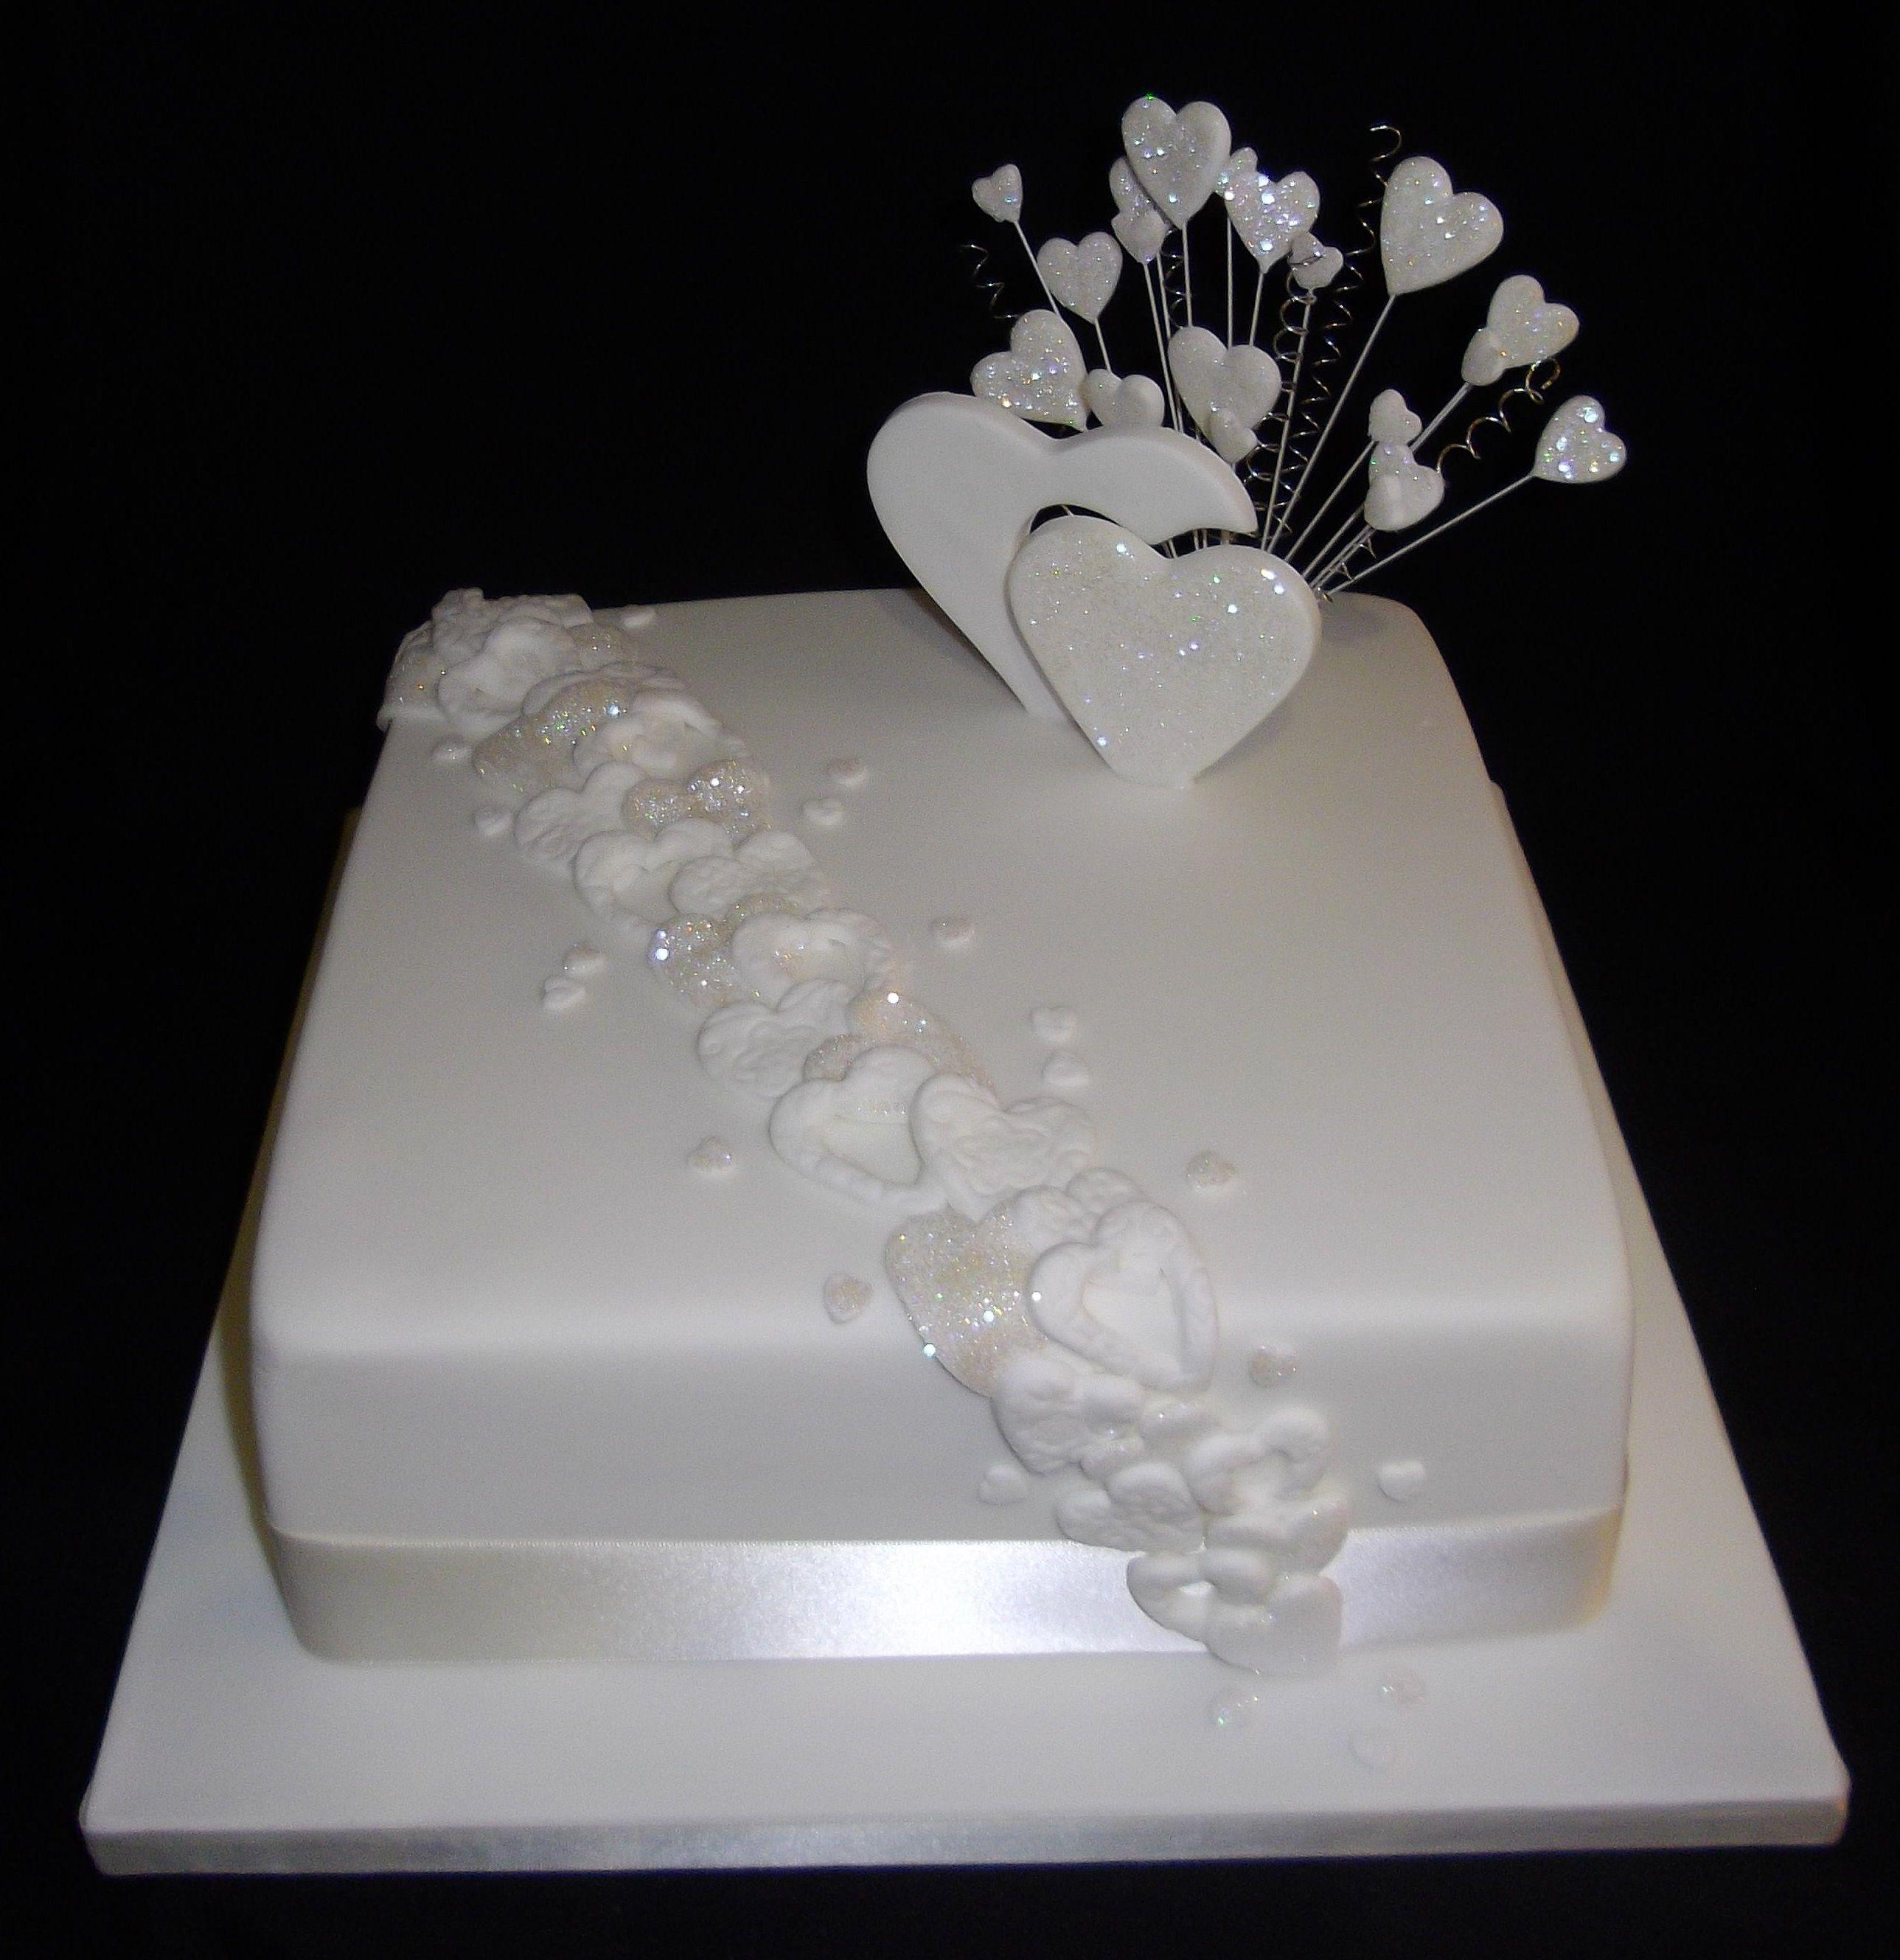 писать квадратные торты на свадьбу картинки женщины стреляют сторону